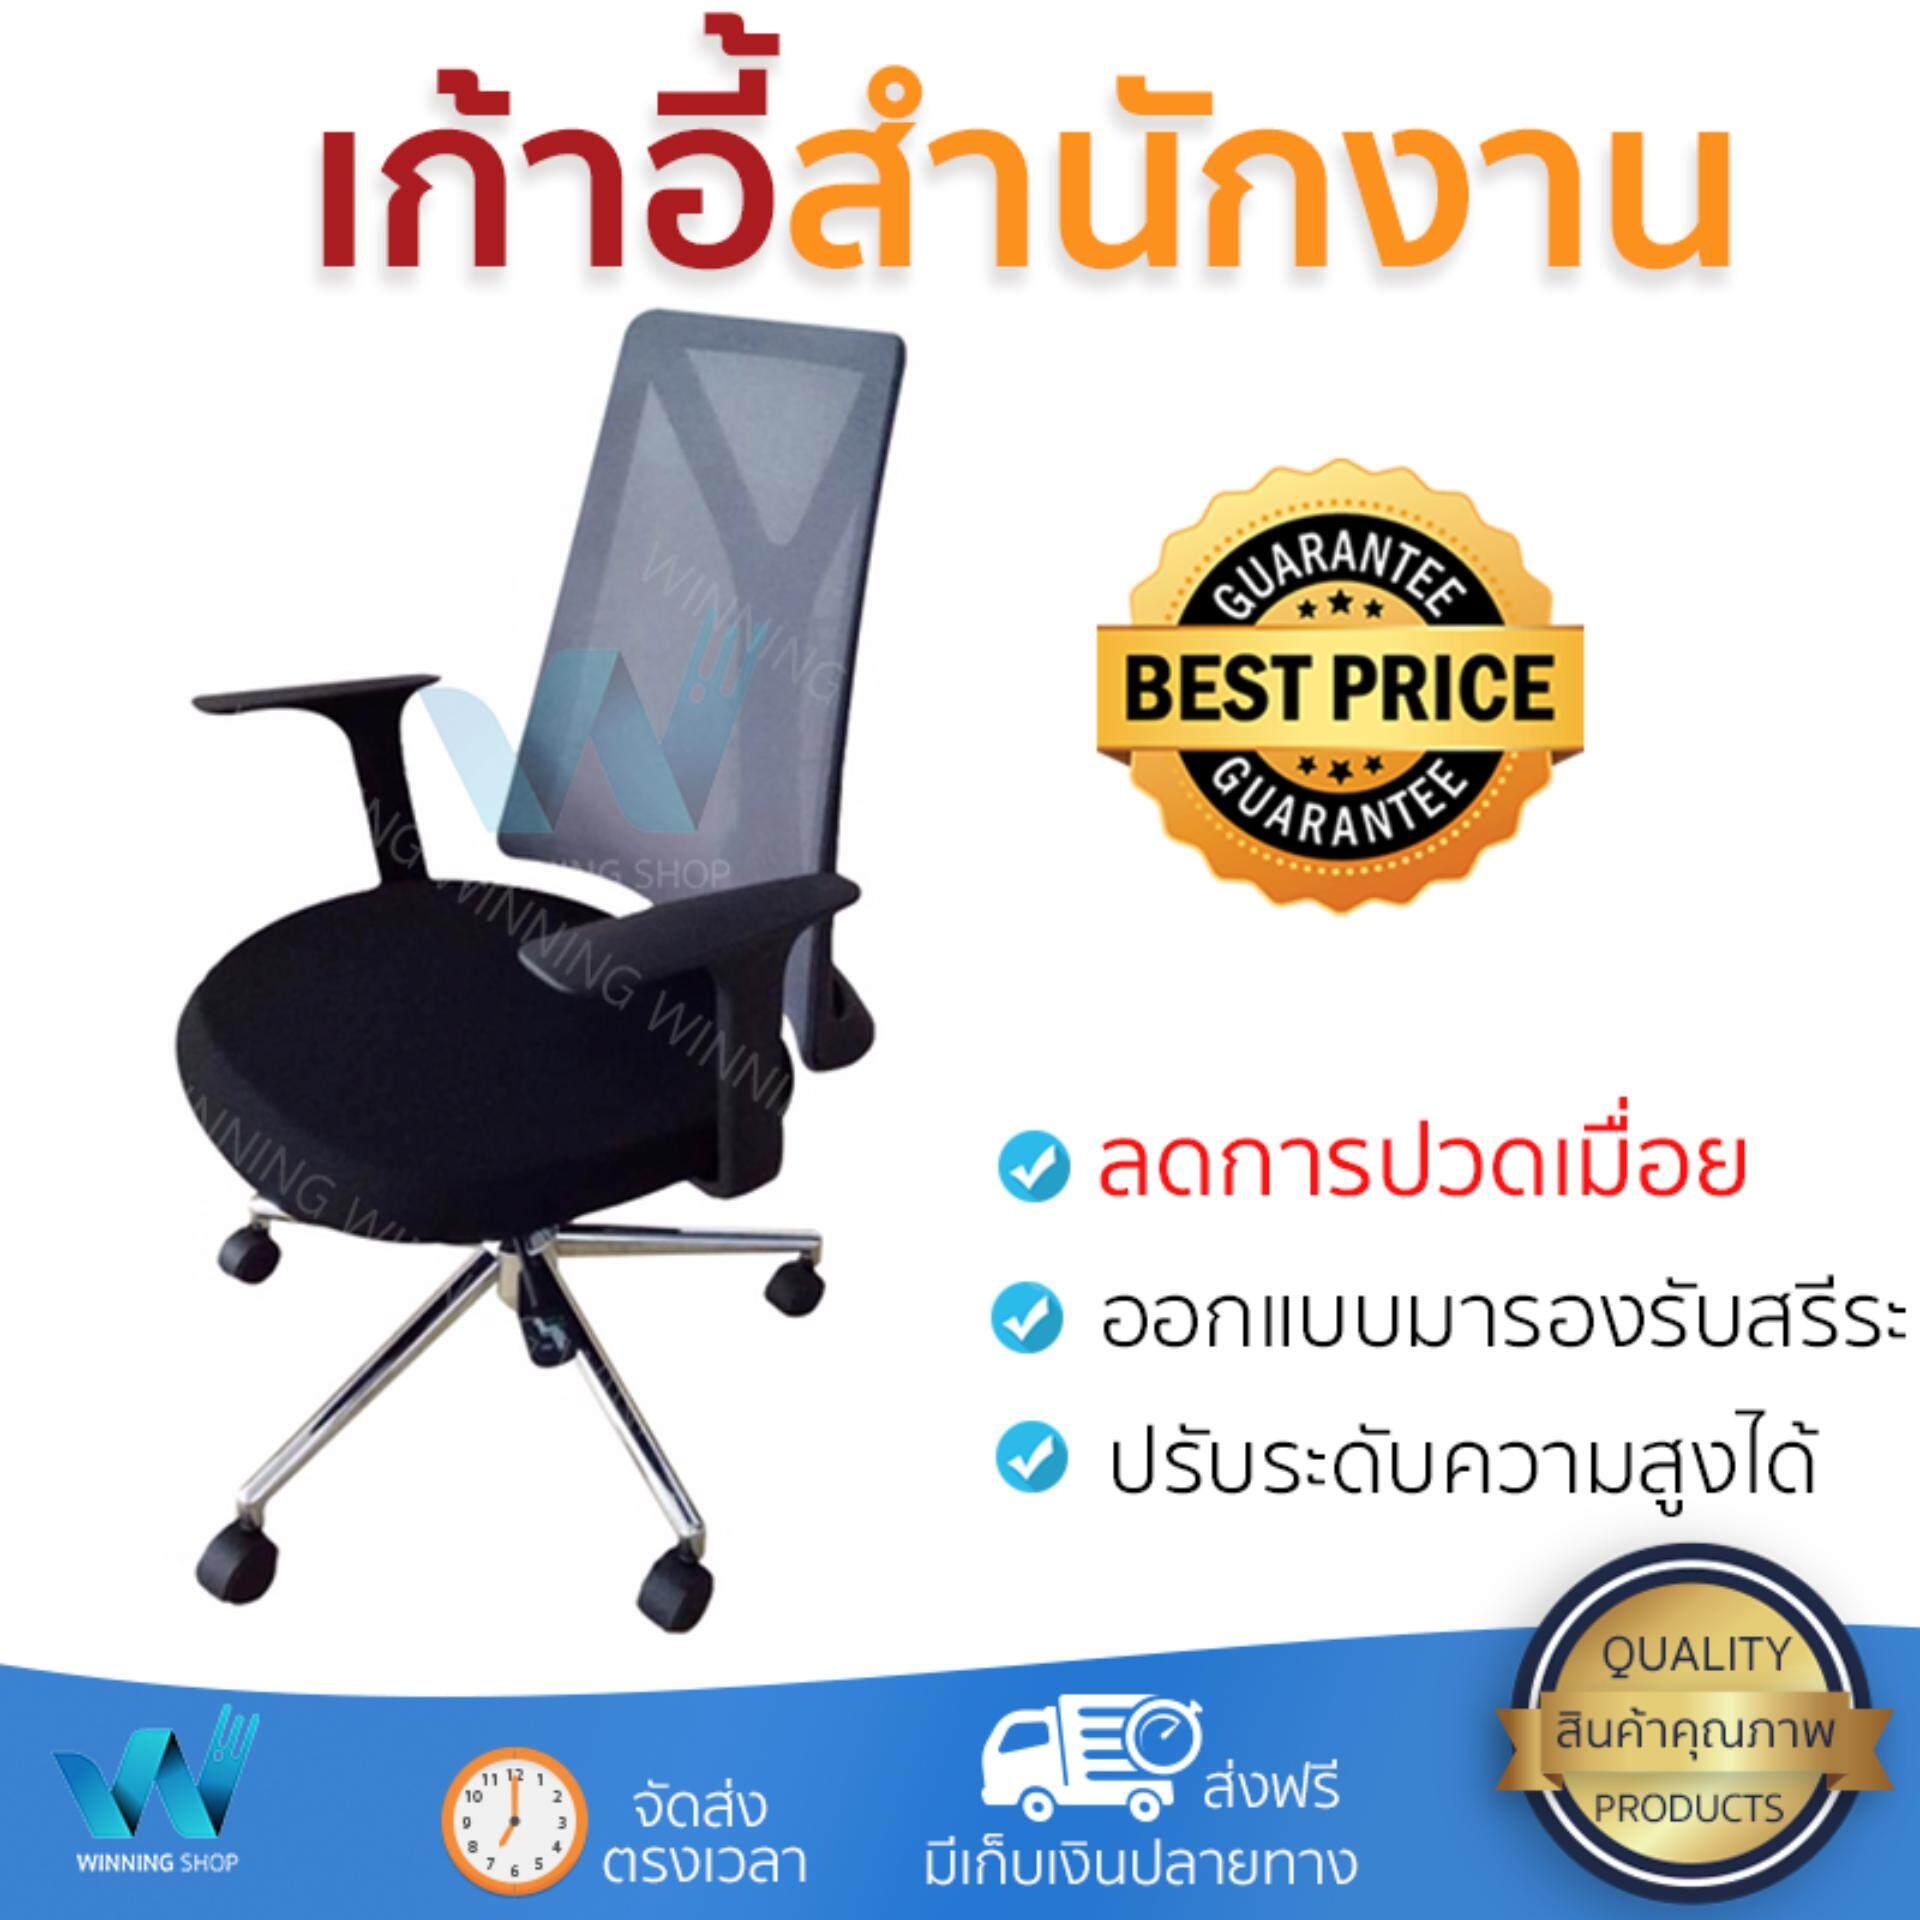 ราคาพิเศษ เก้าอี้ทำงาน เก้าอี้สำนักงาน เก้าอี้สำนักงานMAX D1-808BB NETผ้าดำ/เทา | FURDINI | D1-808BB BLACK/GREY ลดอาการปวดเมื่อยลำคอและไหล่ เบาะนุ่มกำลังดี นั่งสบาย ไม่อึดอัด ปรับระดับความสูงได้ Offi